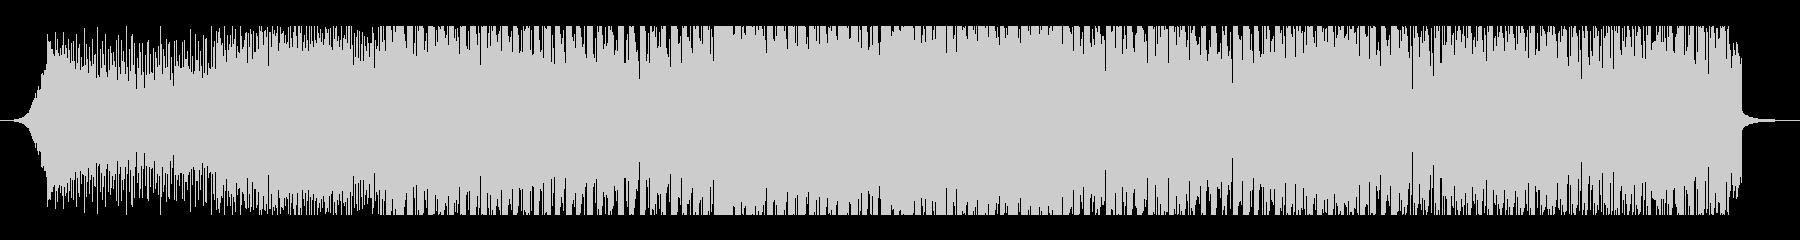 宇宙をイメージした重低音テクノトランスの未再生の波形